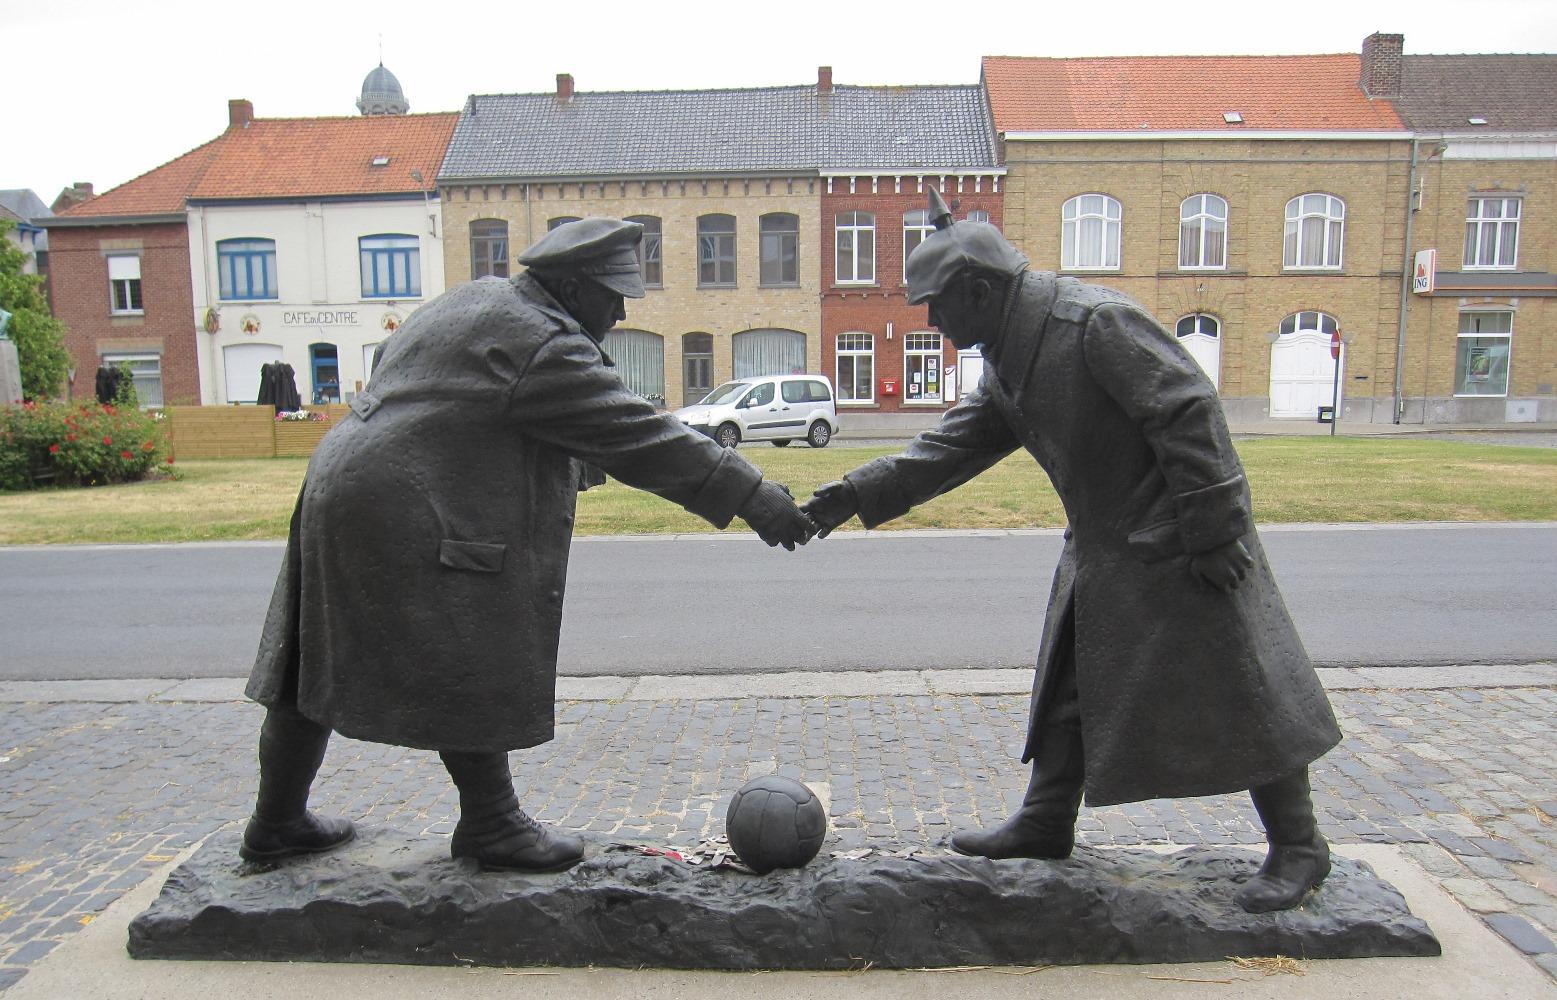 """Monumento alla """"partita di Natale"""" in un piccolo paese vicino a Passchendaele - viaggio in Belgio Prima guerra mondiale"""